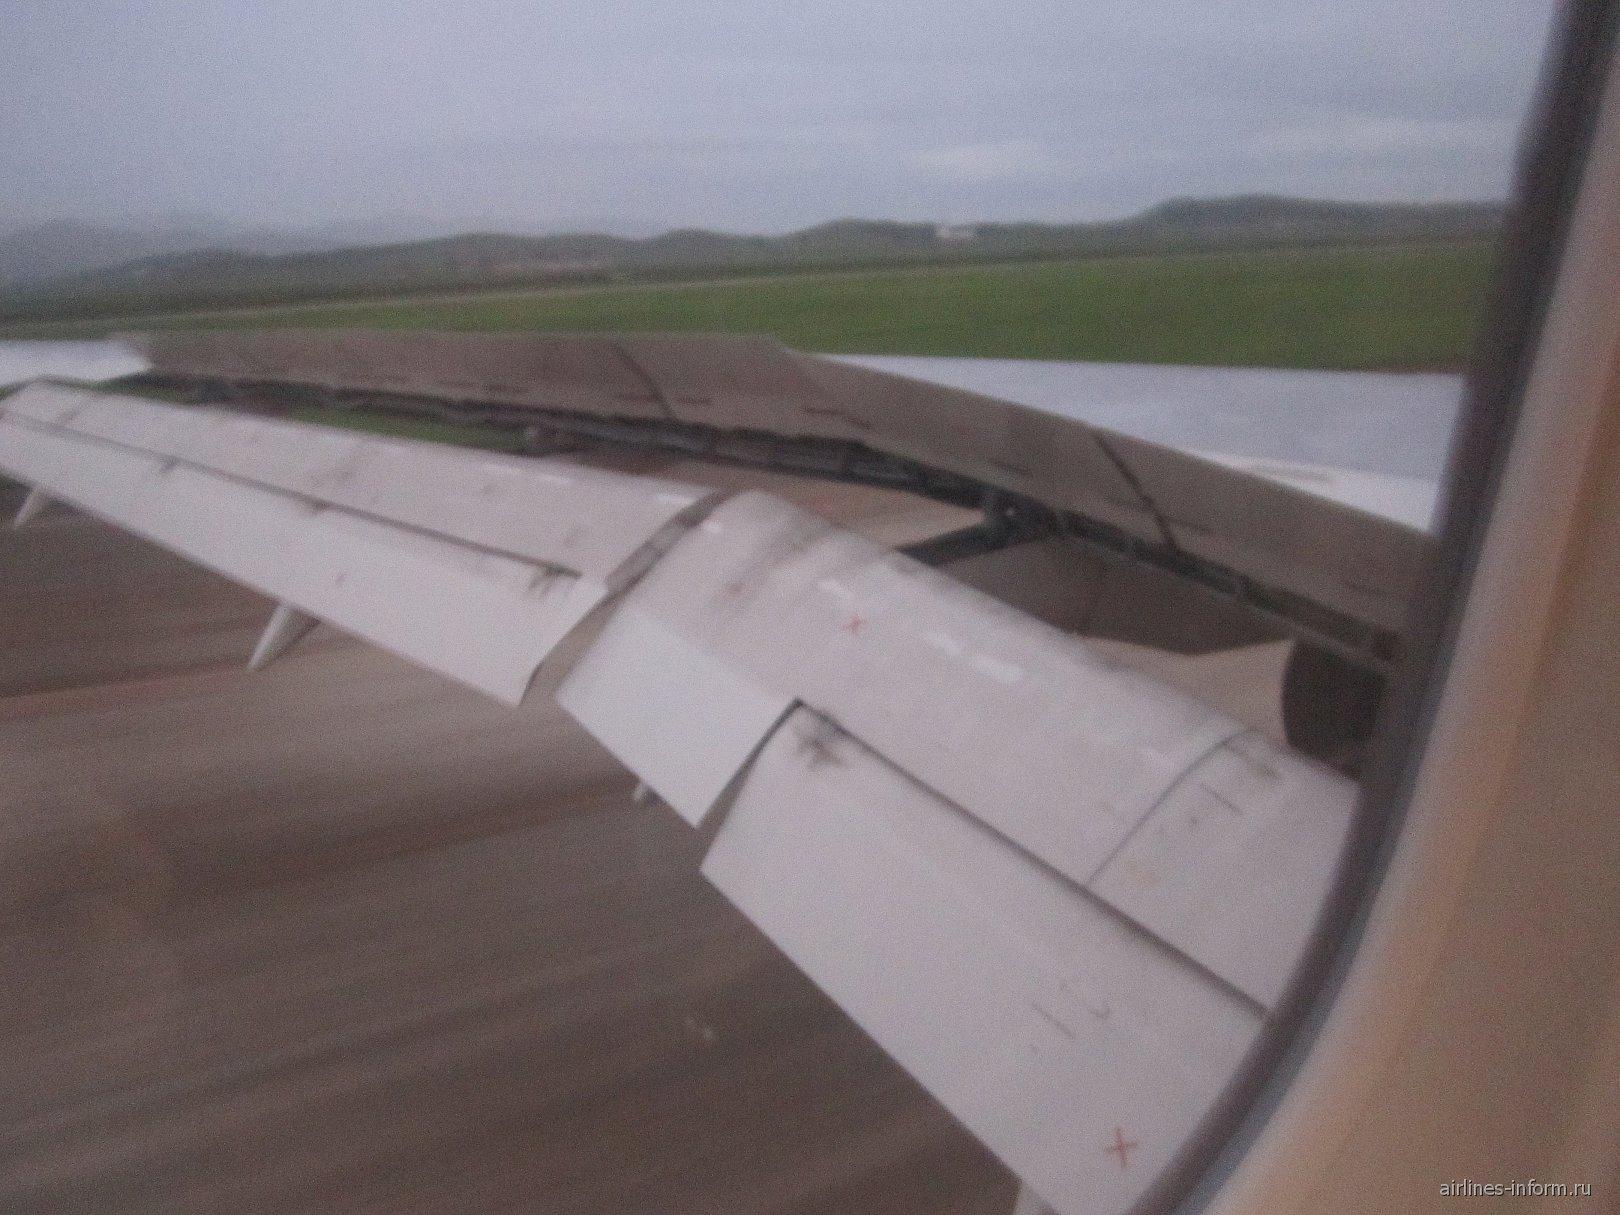 приземлились, пока шла рулежка стемнело, пошел дождь, самолет подошел прямо к терминалу, но снимать уже его и таможенный досмотр внутри не было никакой возможности